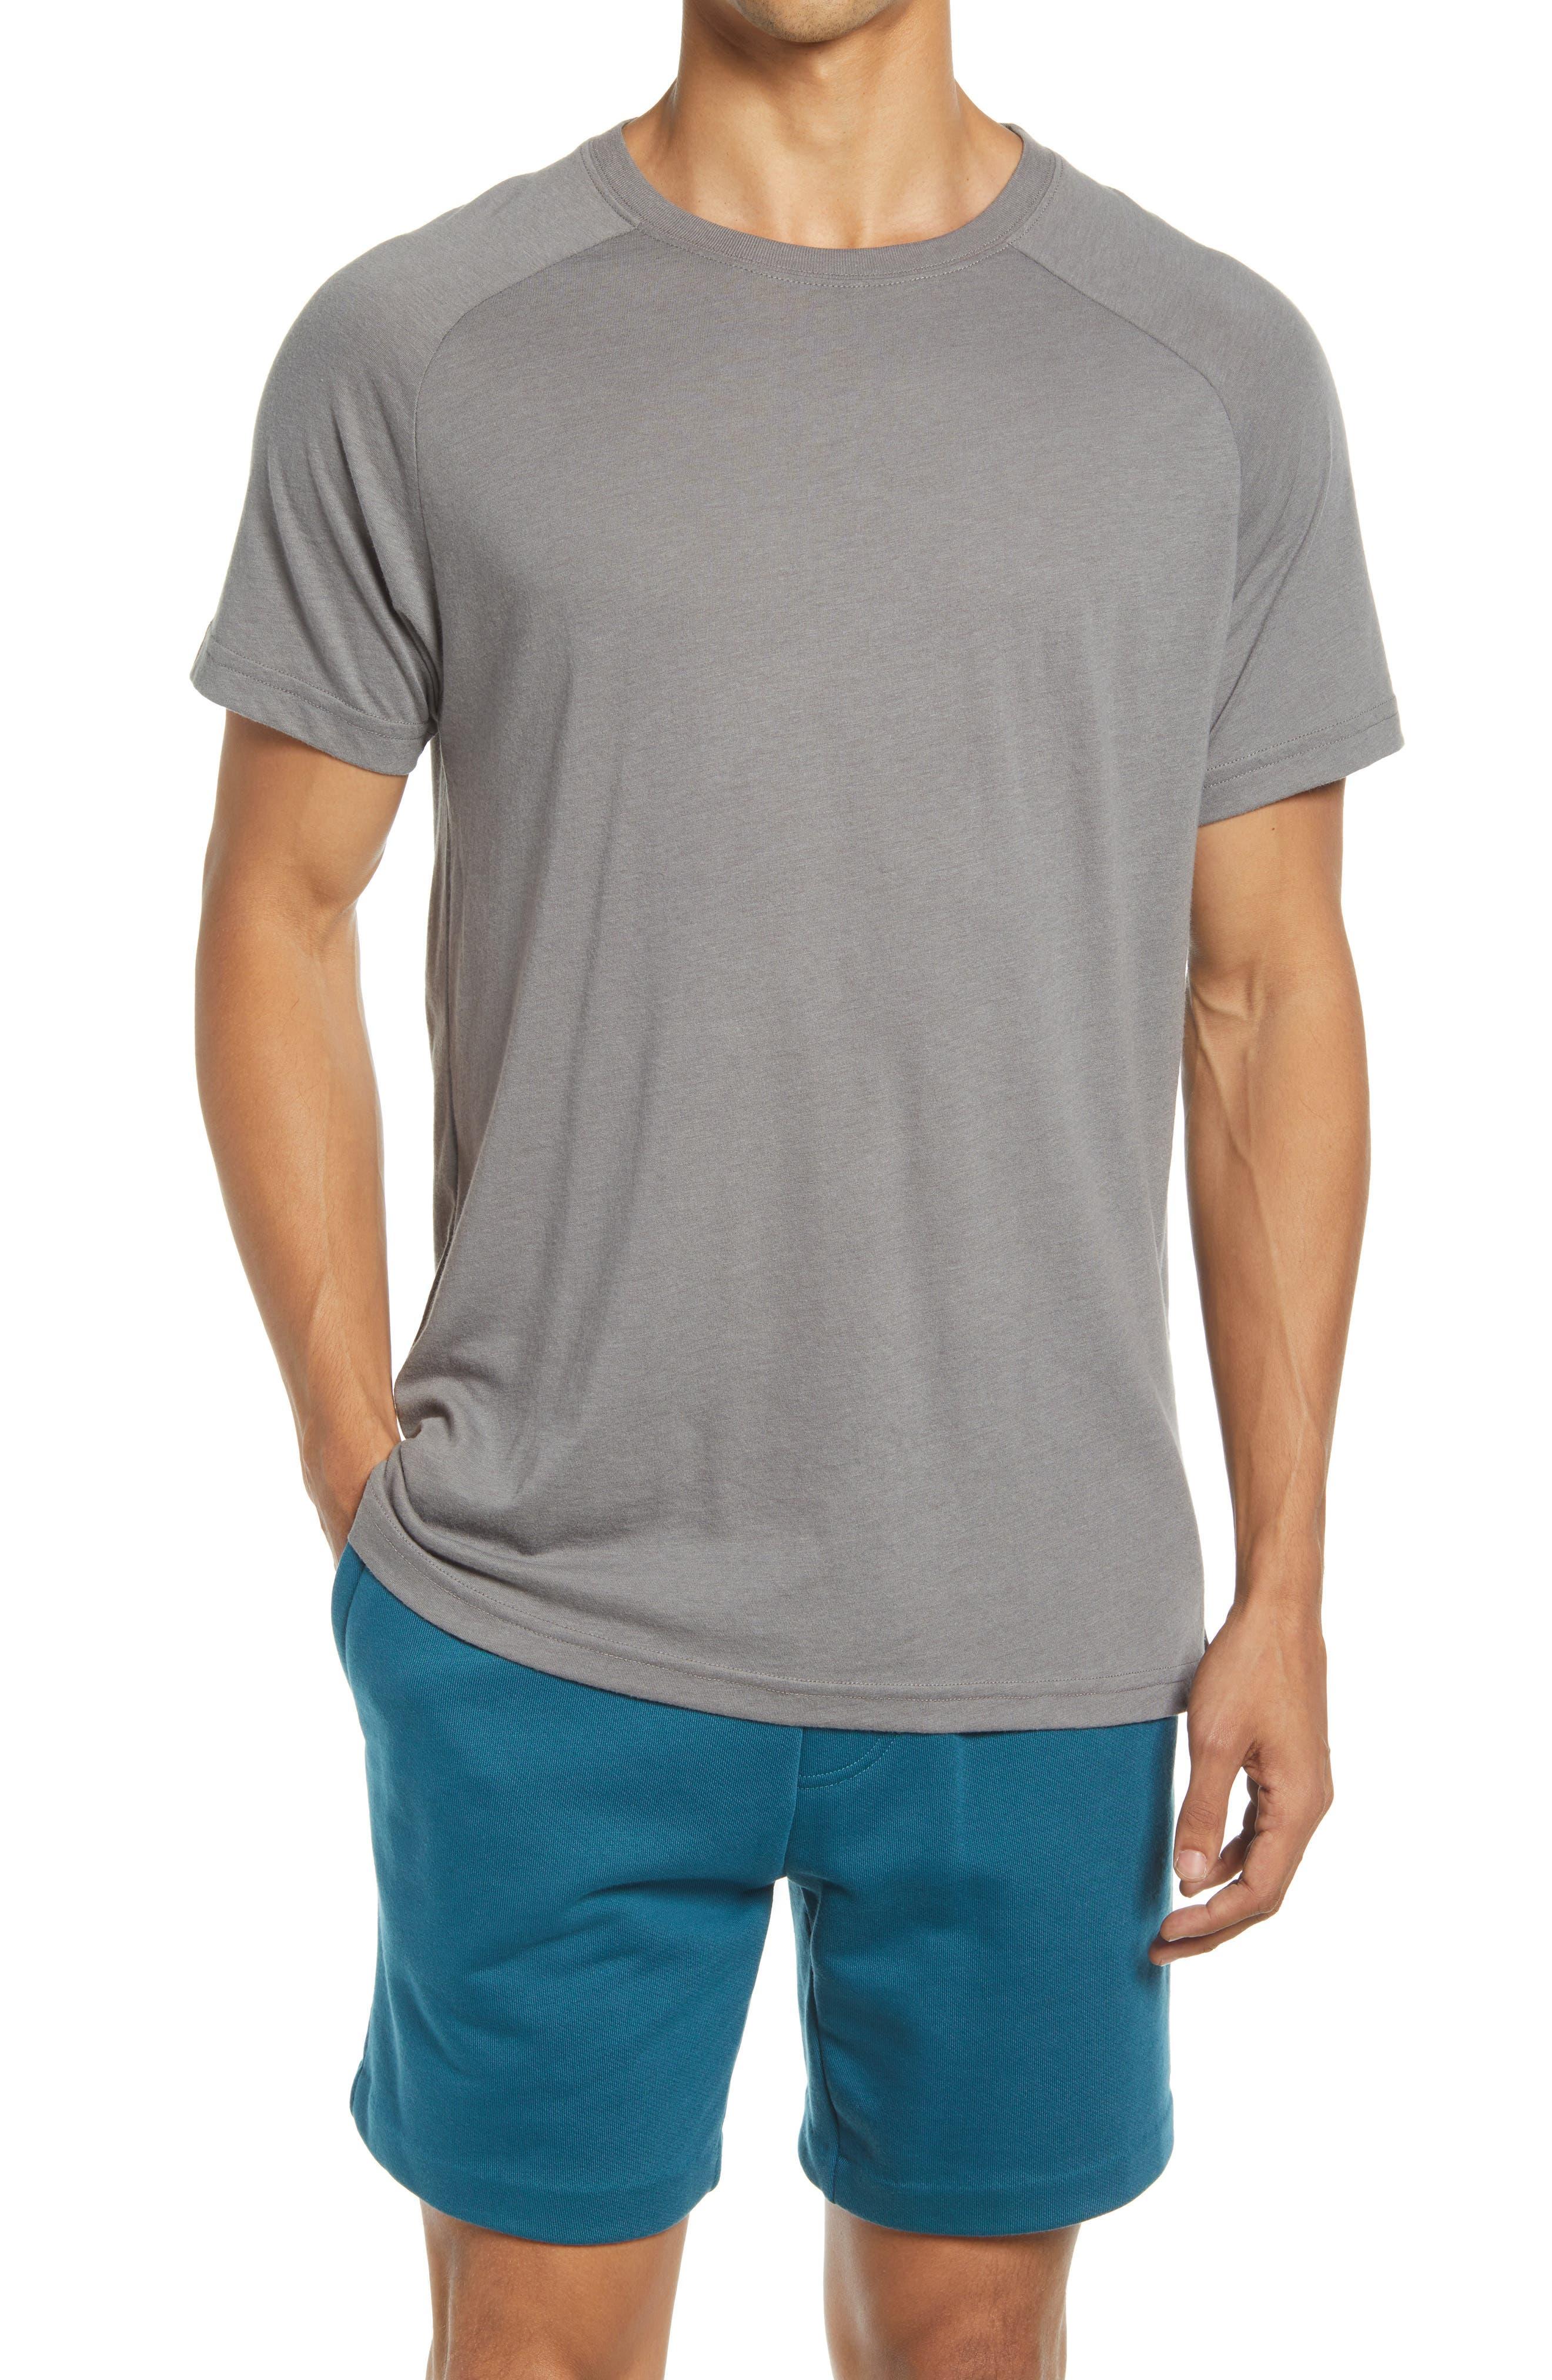 The Triumph Crewneck T-Shirt